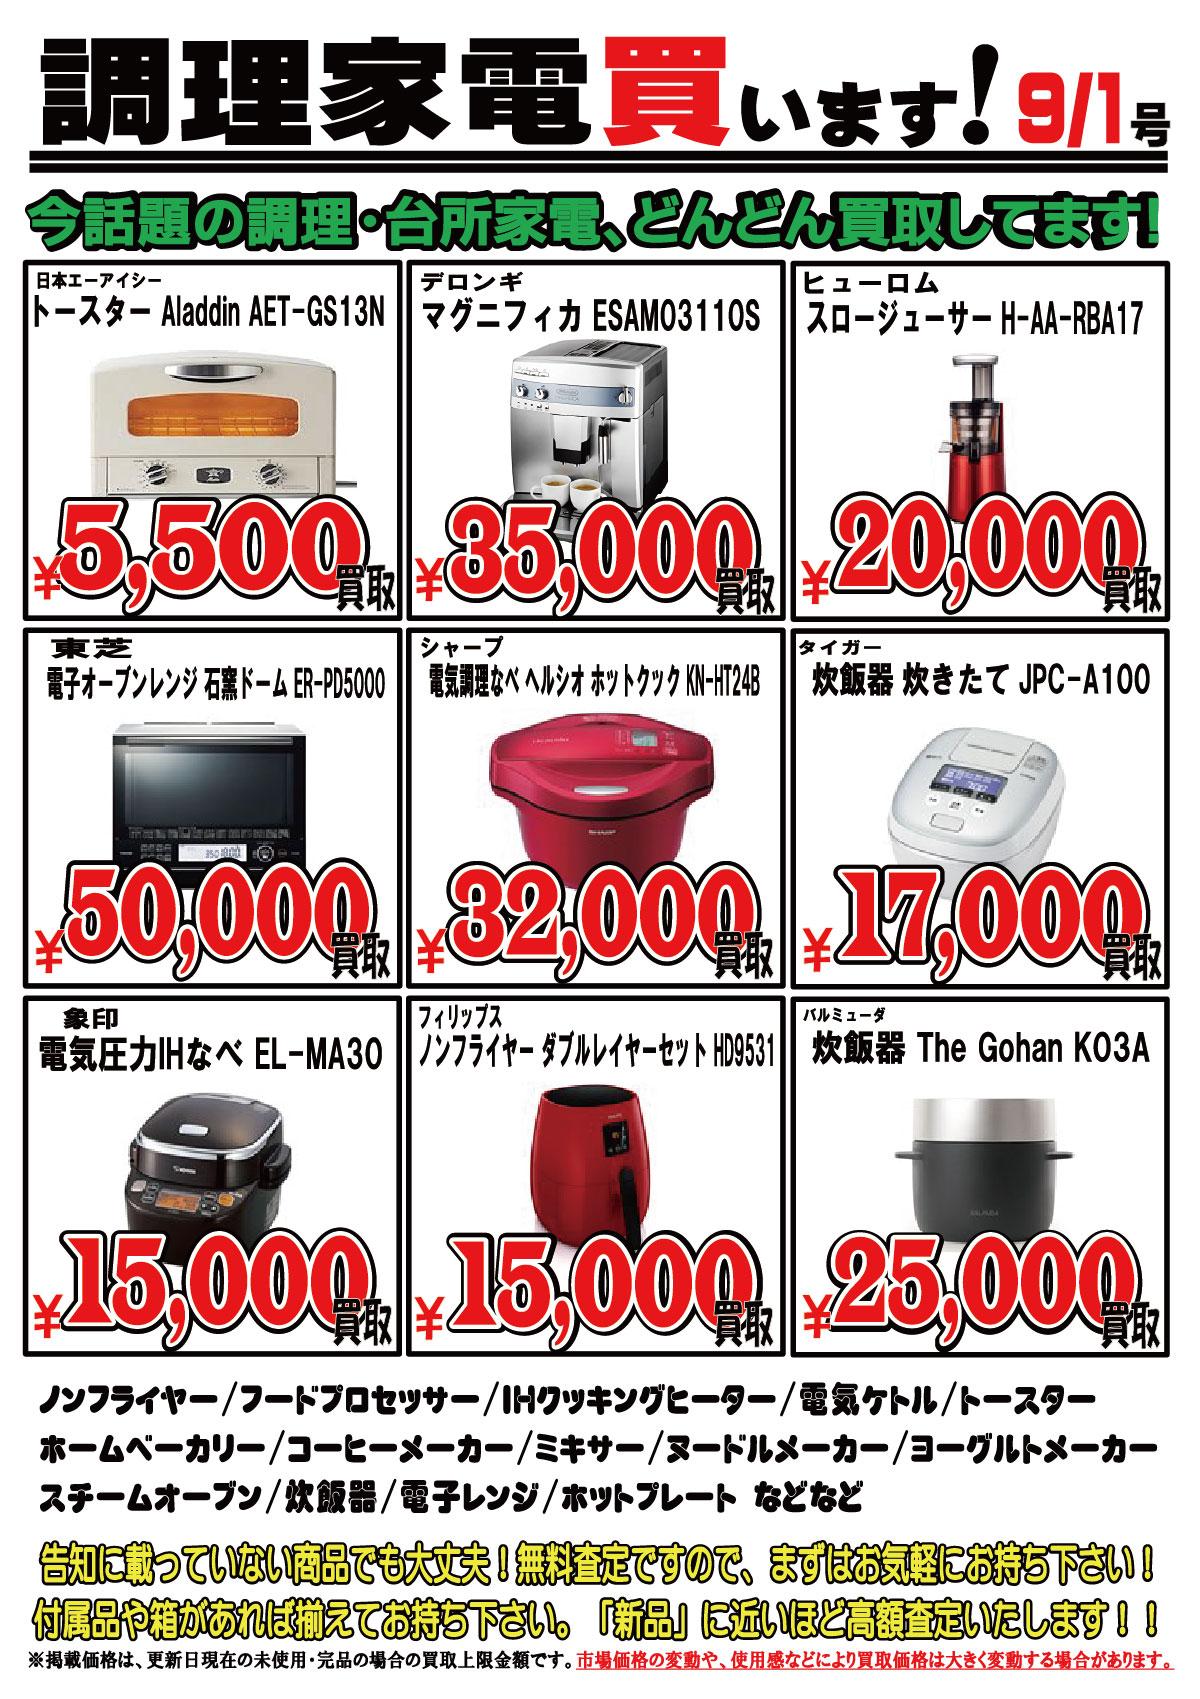 「開放倉庫山城店」2017.9/1号/調理家電買います!今話題の調理・台所家電、どんどん買取しています!